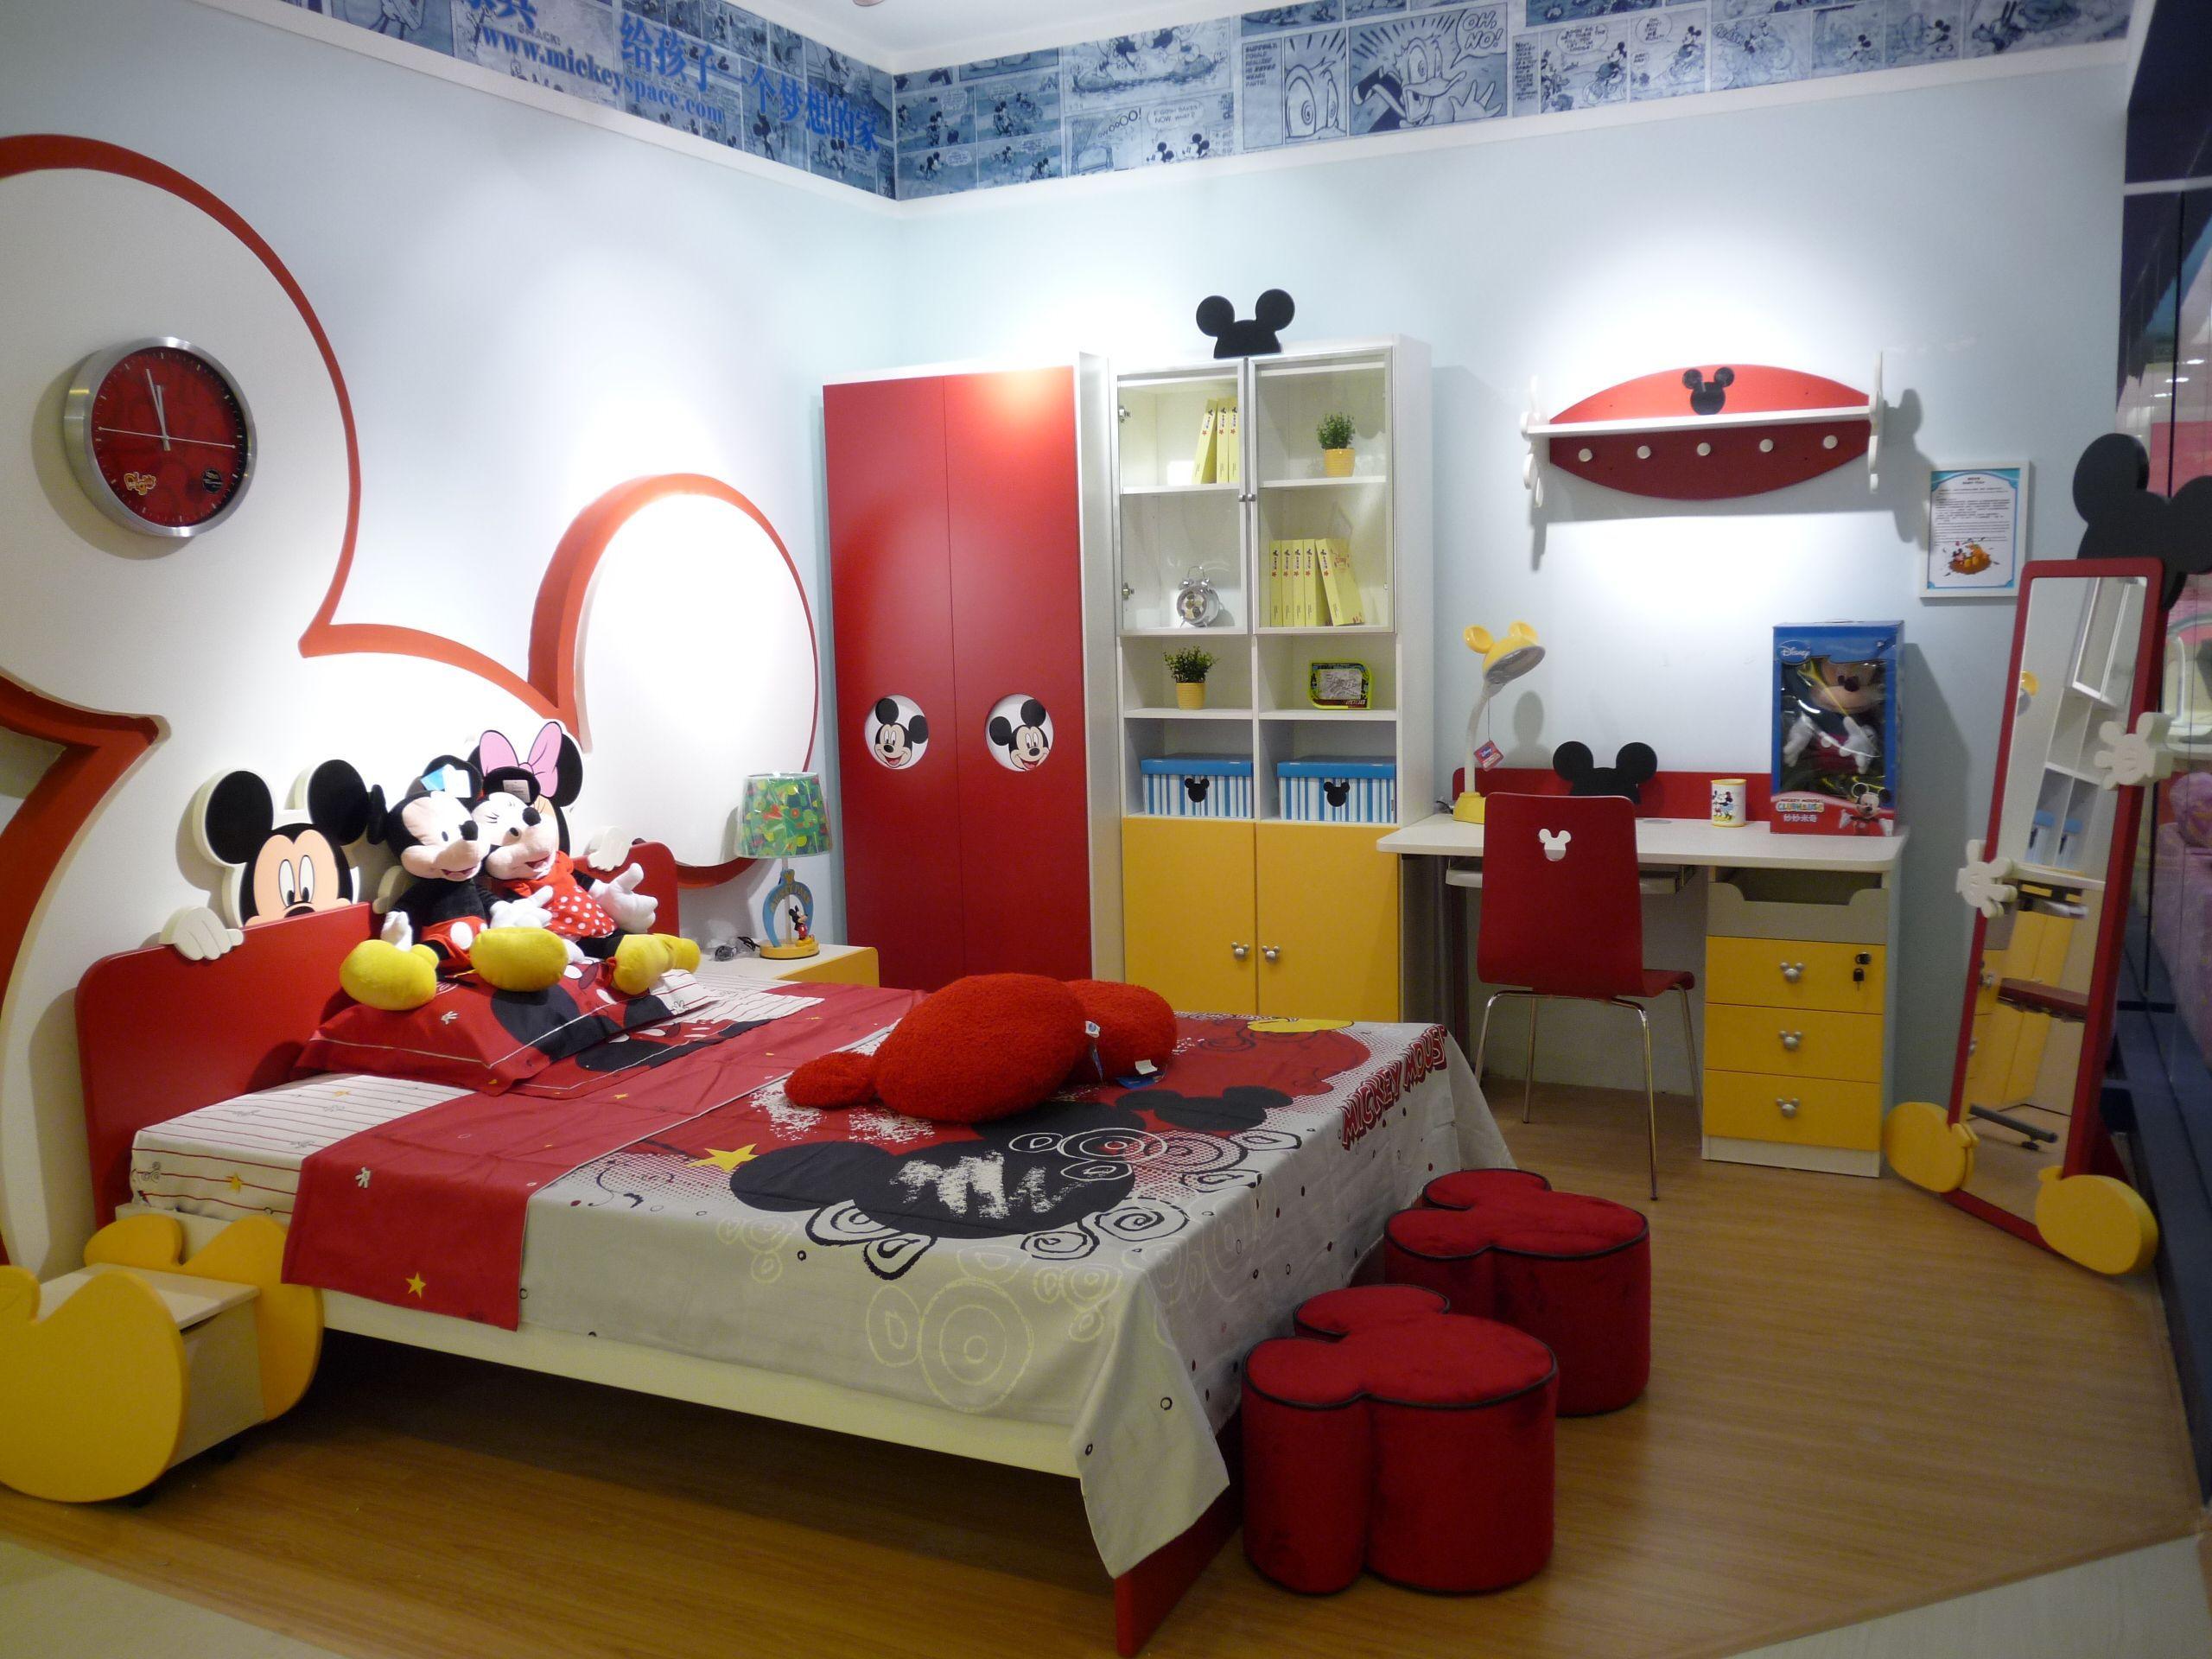 背景墙 房间 家居 起居室 设计 卧室 卧室装修 现代 装修 2560_1920